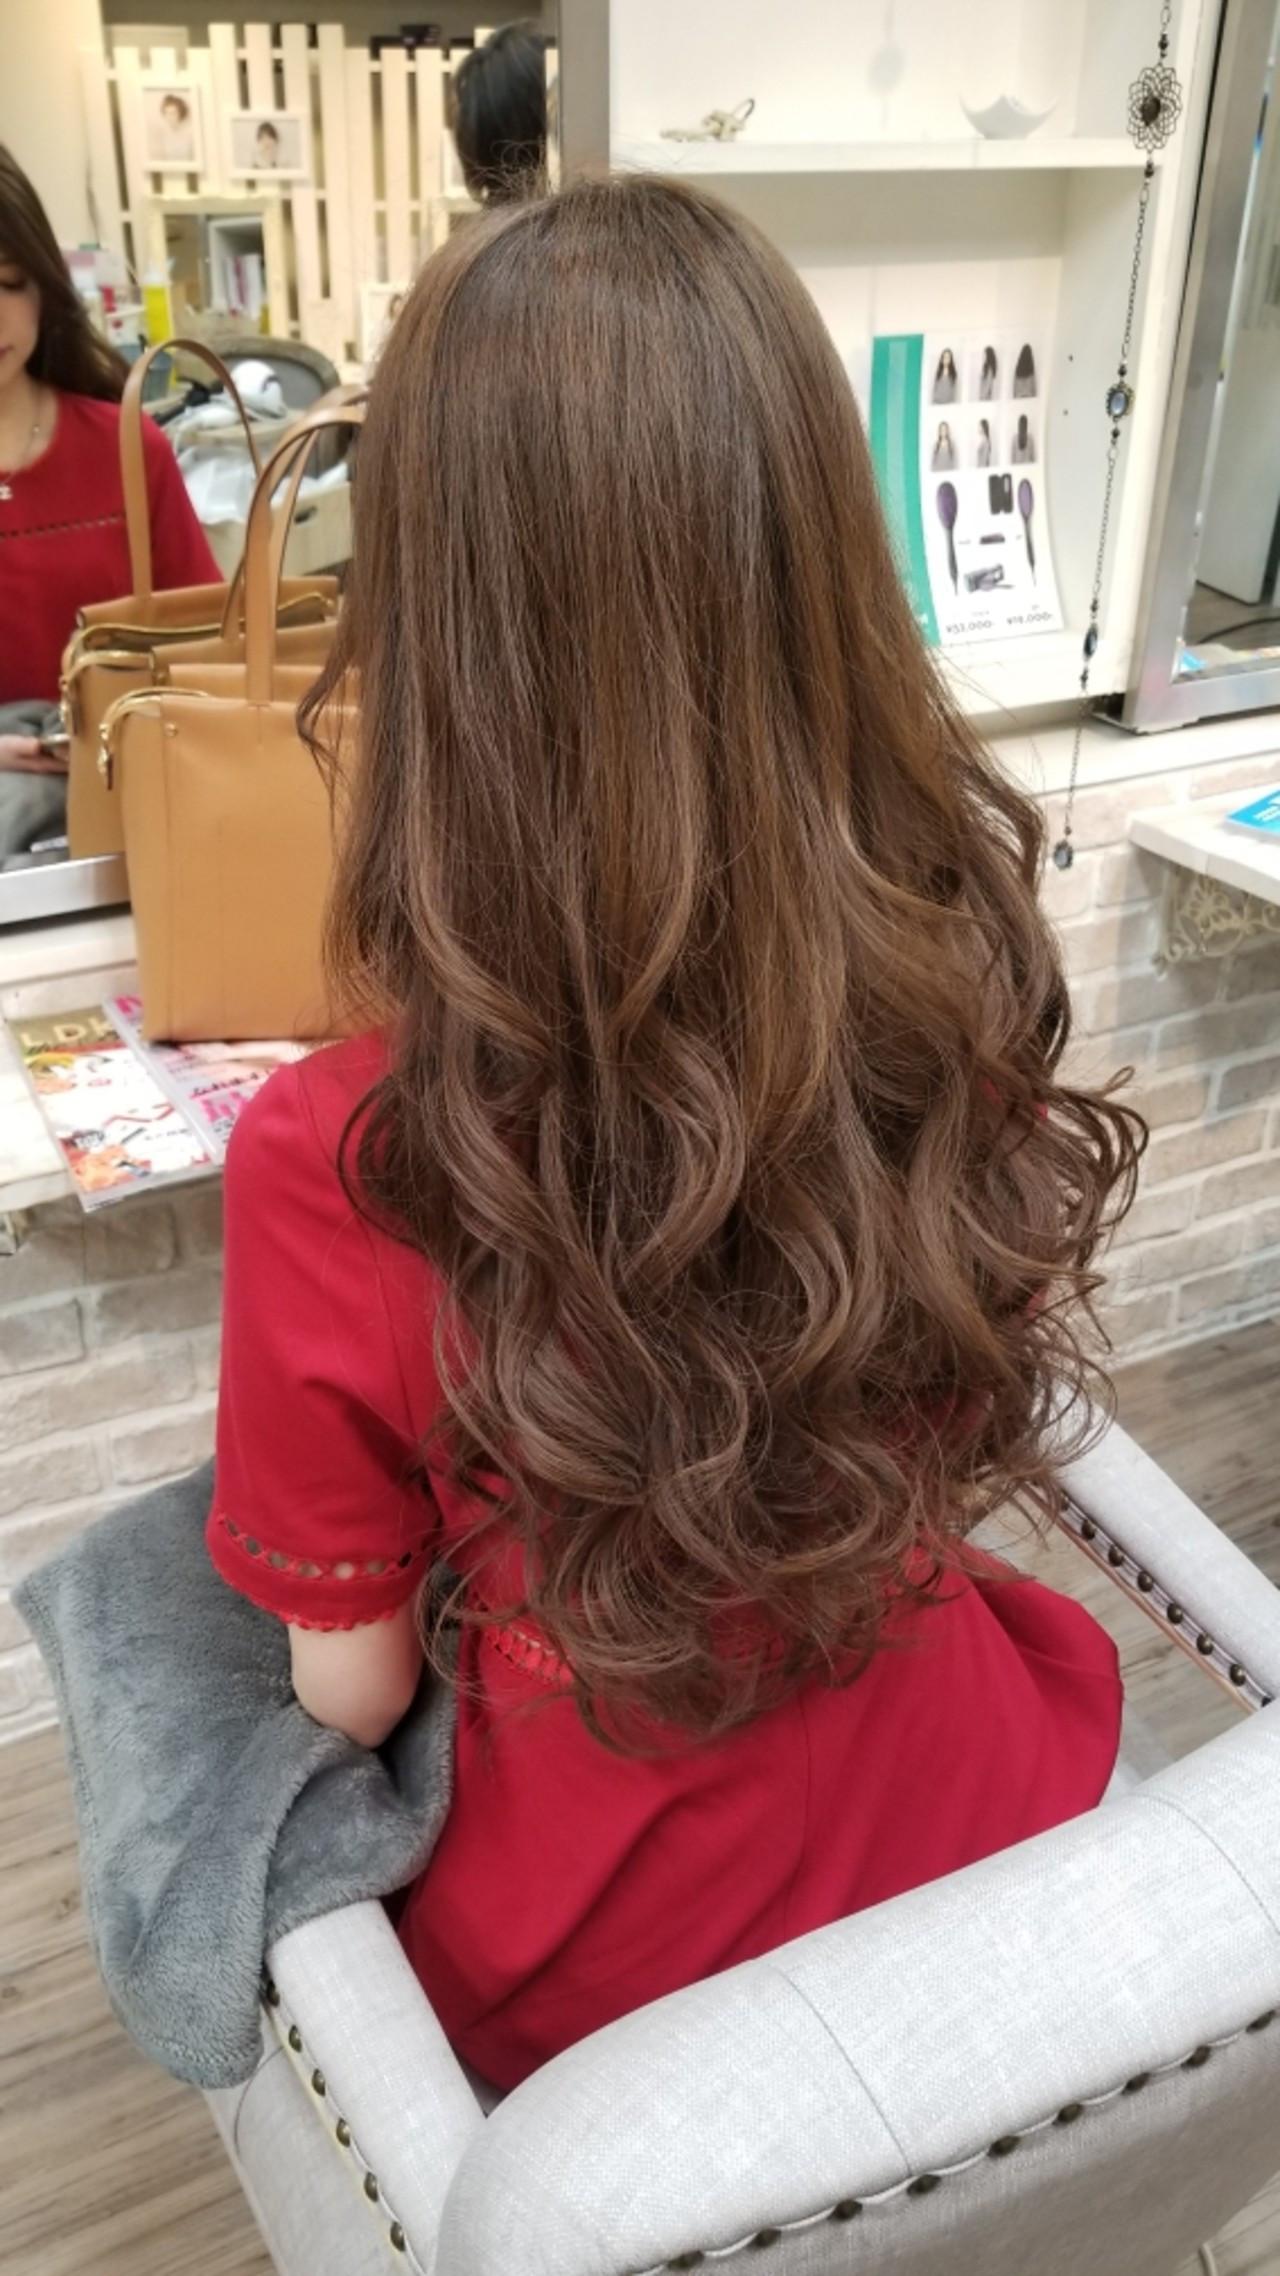 結婚式 アンニュイ バレンタイン ロング ヘアスタイルや髪型の写真・画像